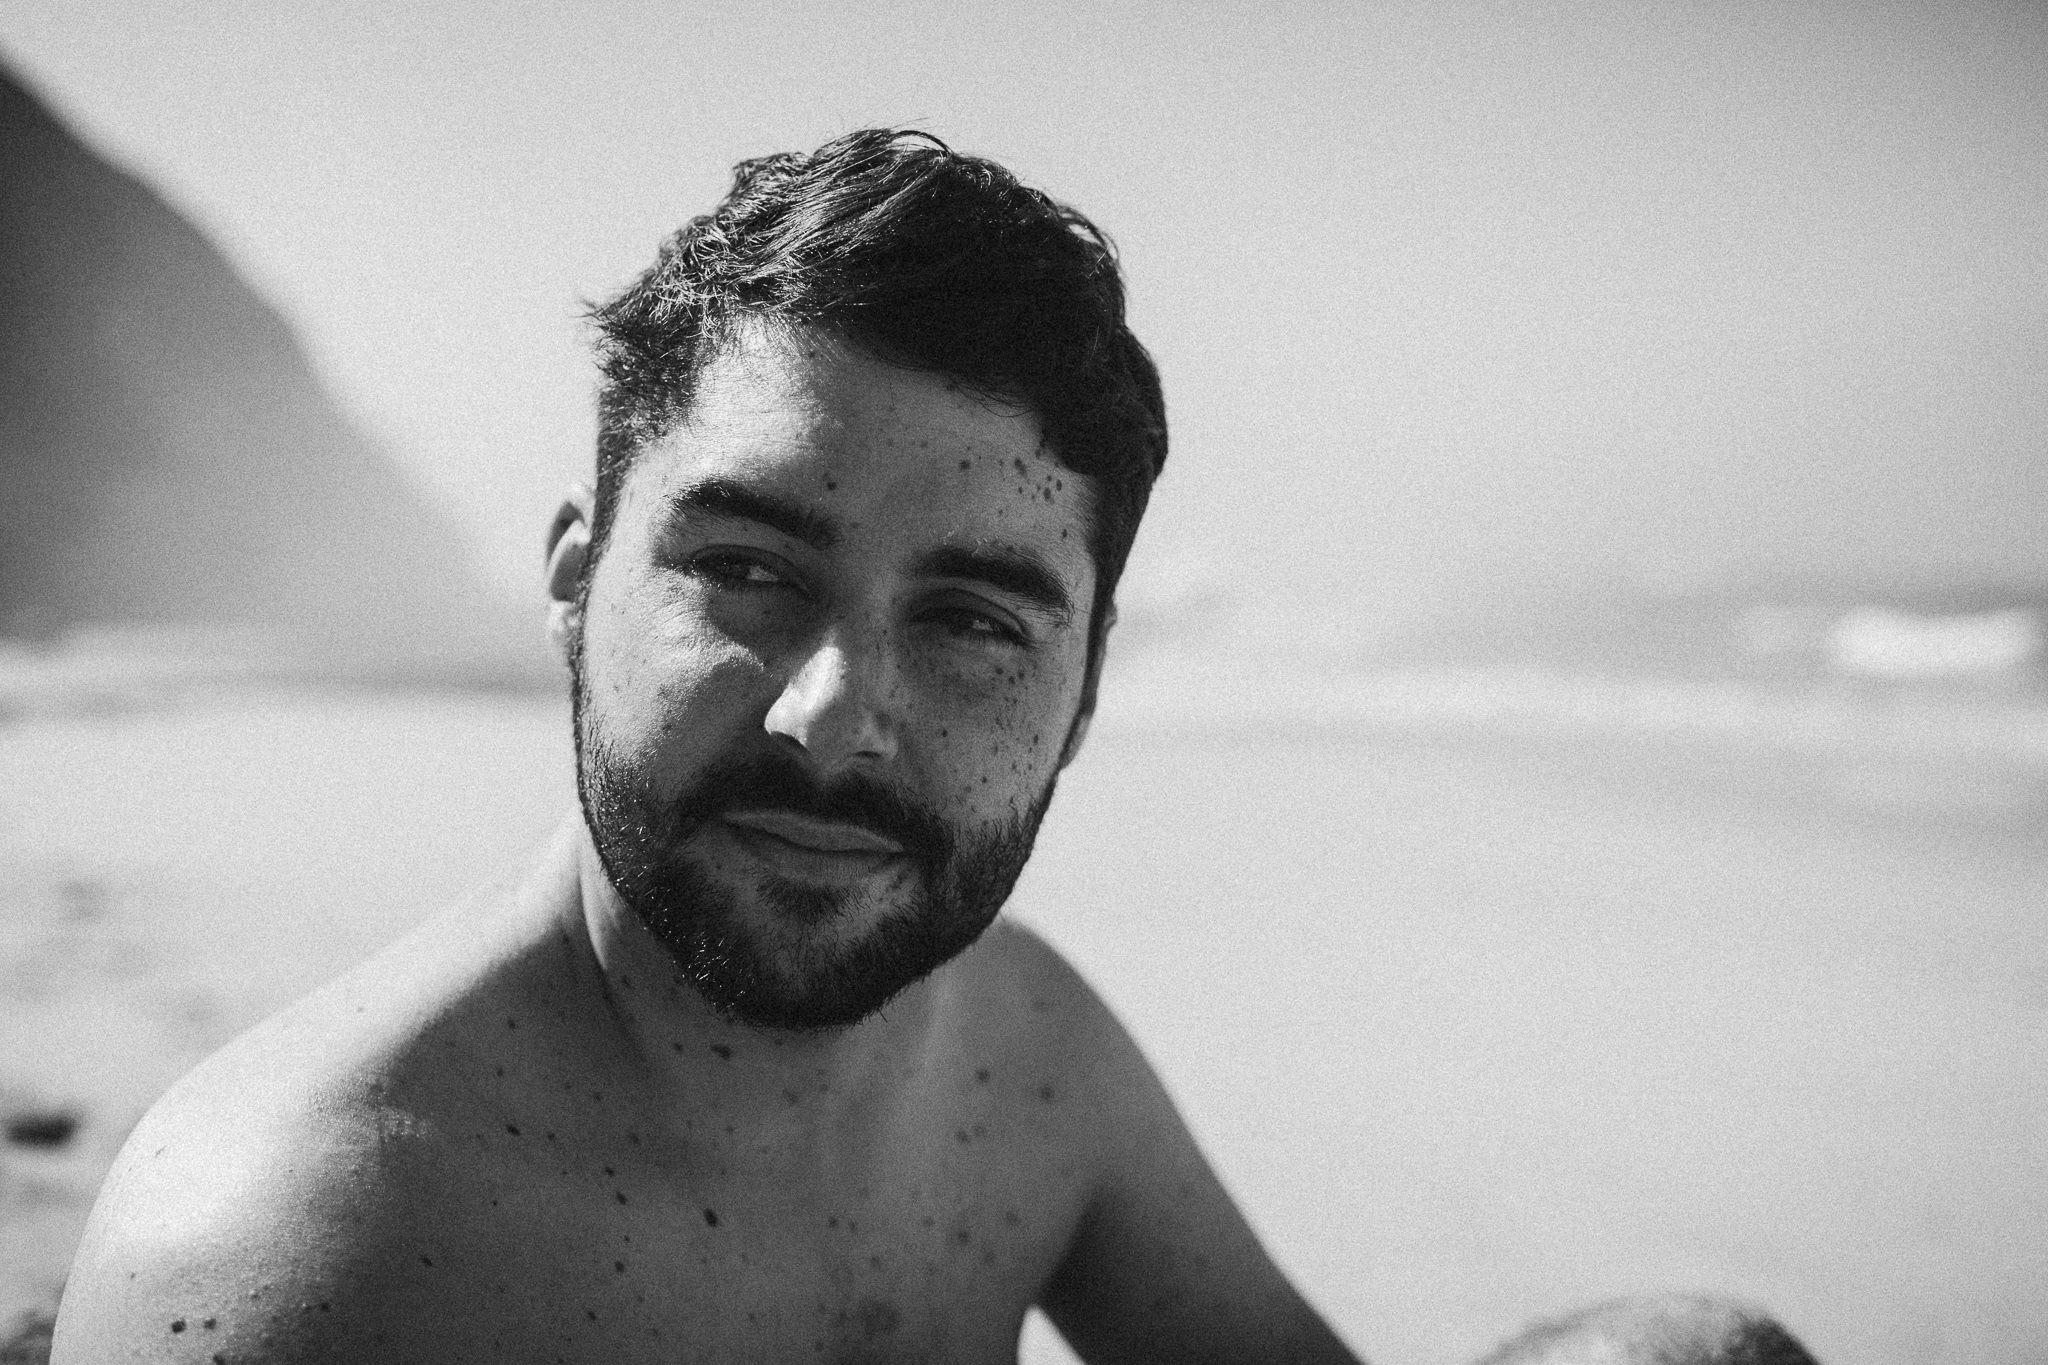 Portrait of a bearded man on the beach